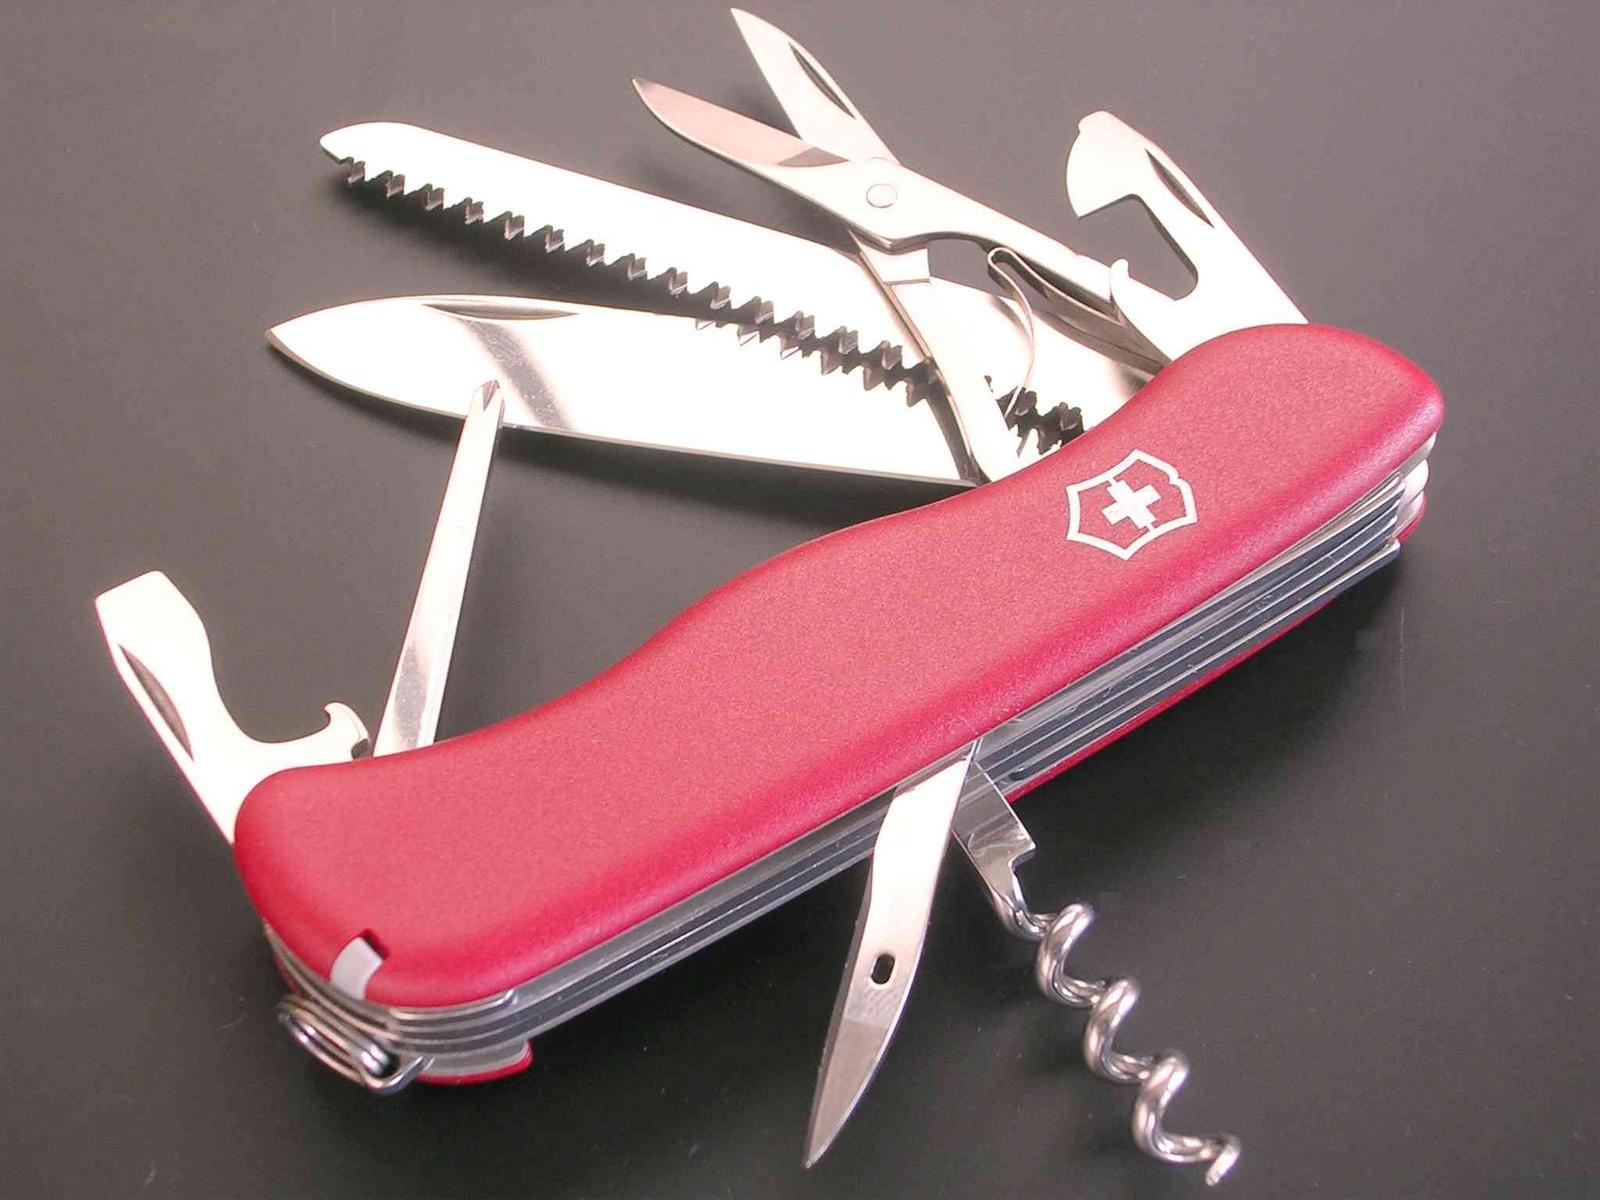 Kapesní nůž Outrider